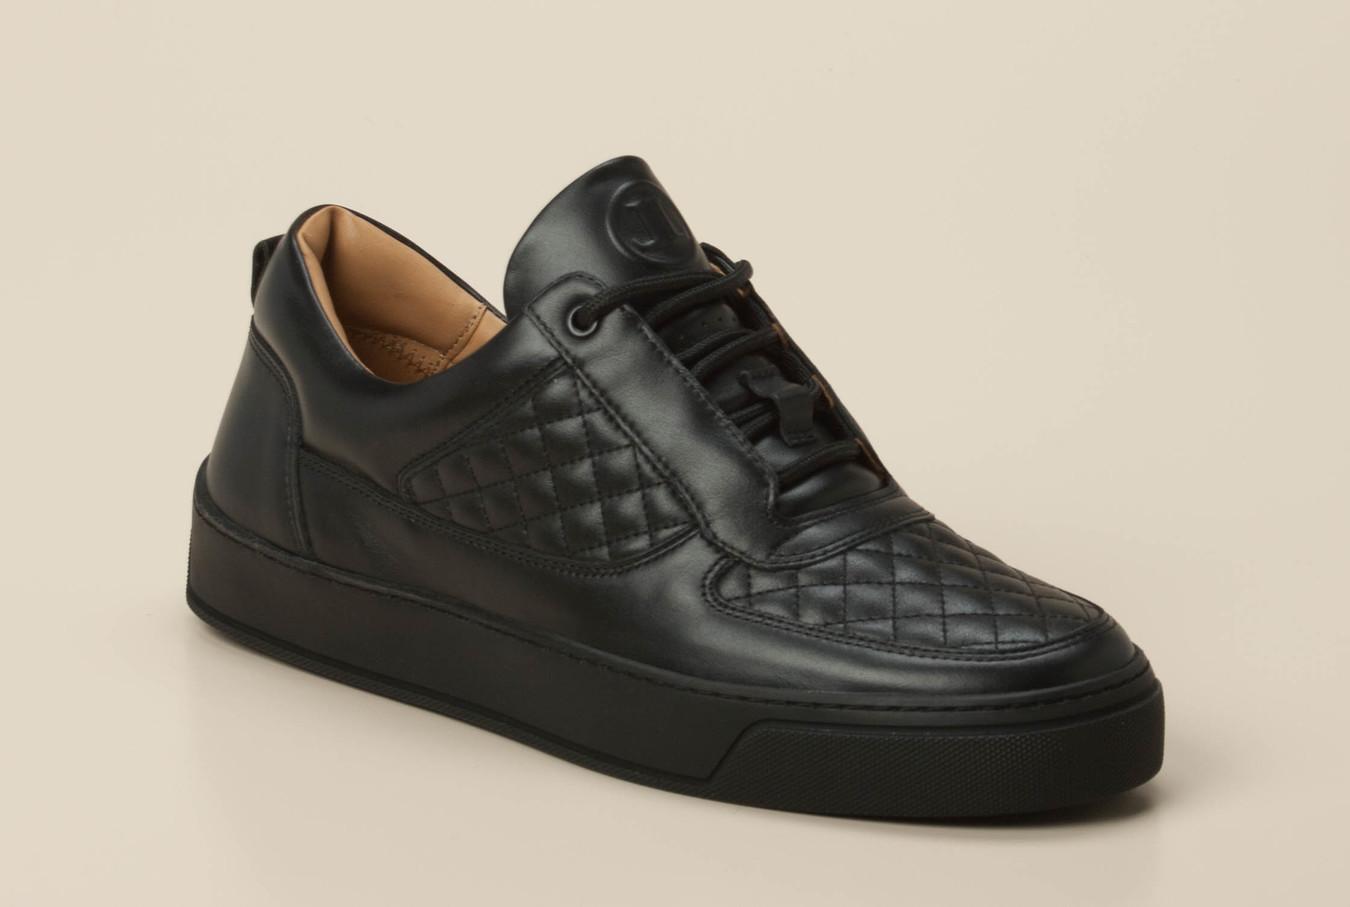 71d502a7f701a7 Leandro Lopes Herren Sneaker in schwarz kaufen